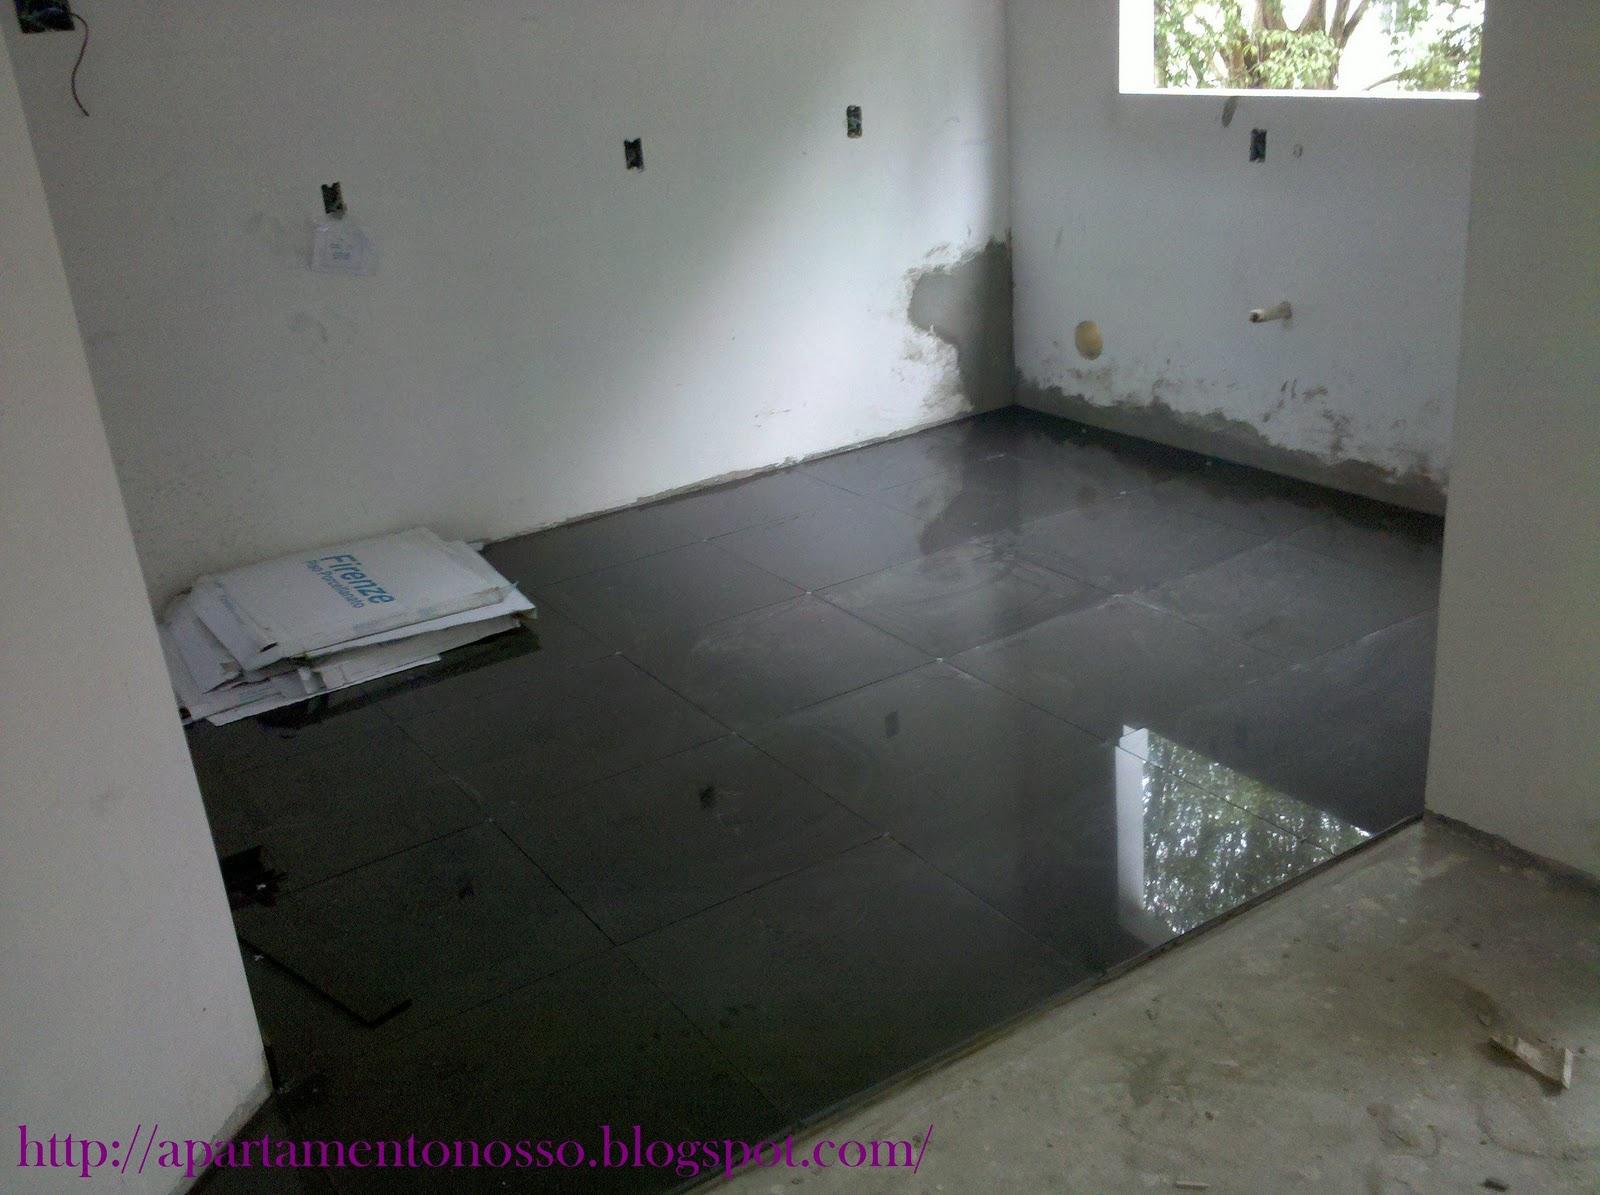 Apartamento Nosso: Colocação do Porcelanato Parte I #6E266A 1600x1195 Banheiro Com Piso Porcelanato Preto